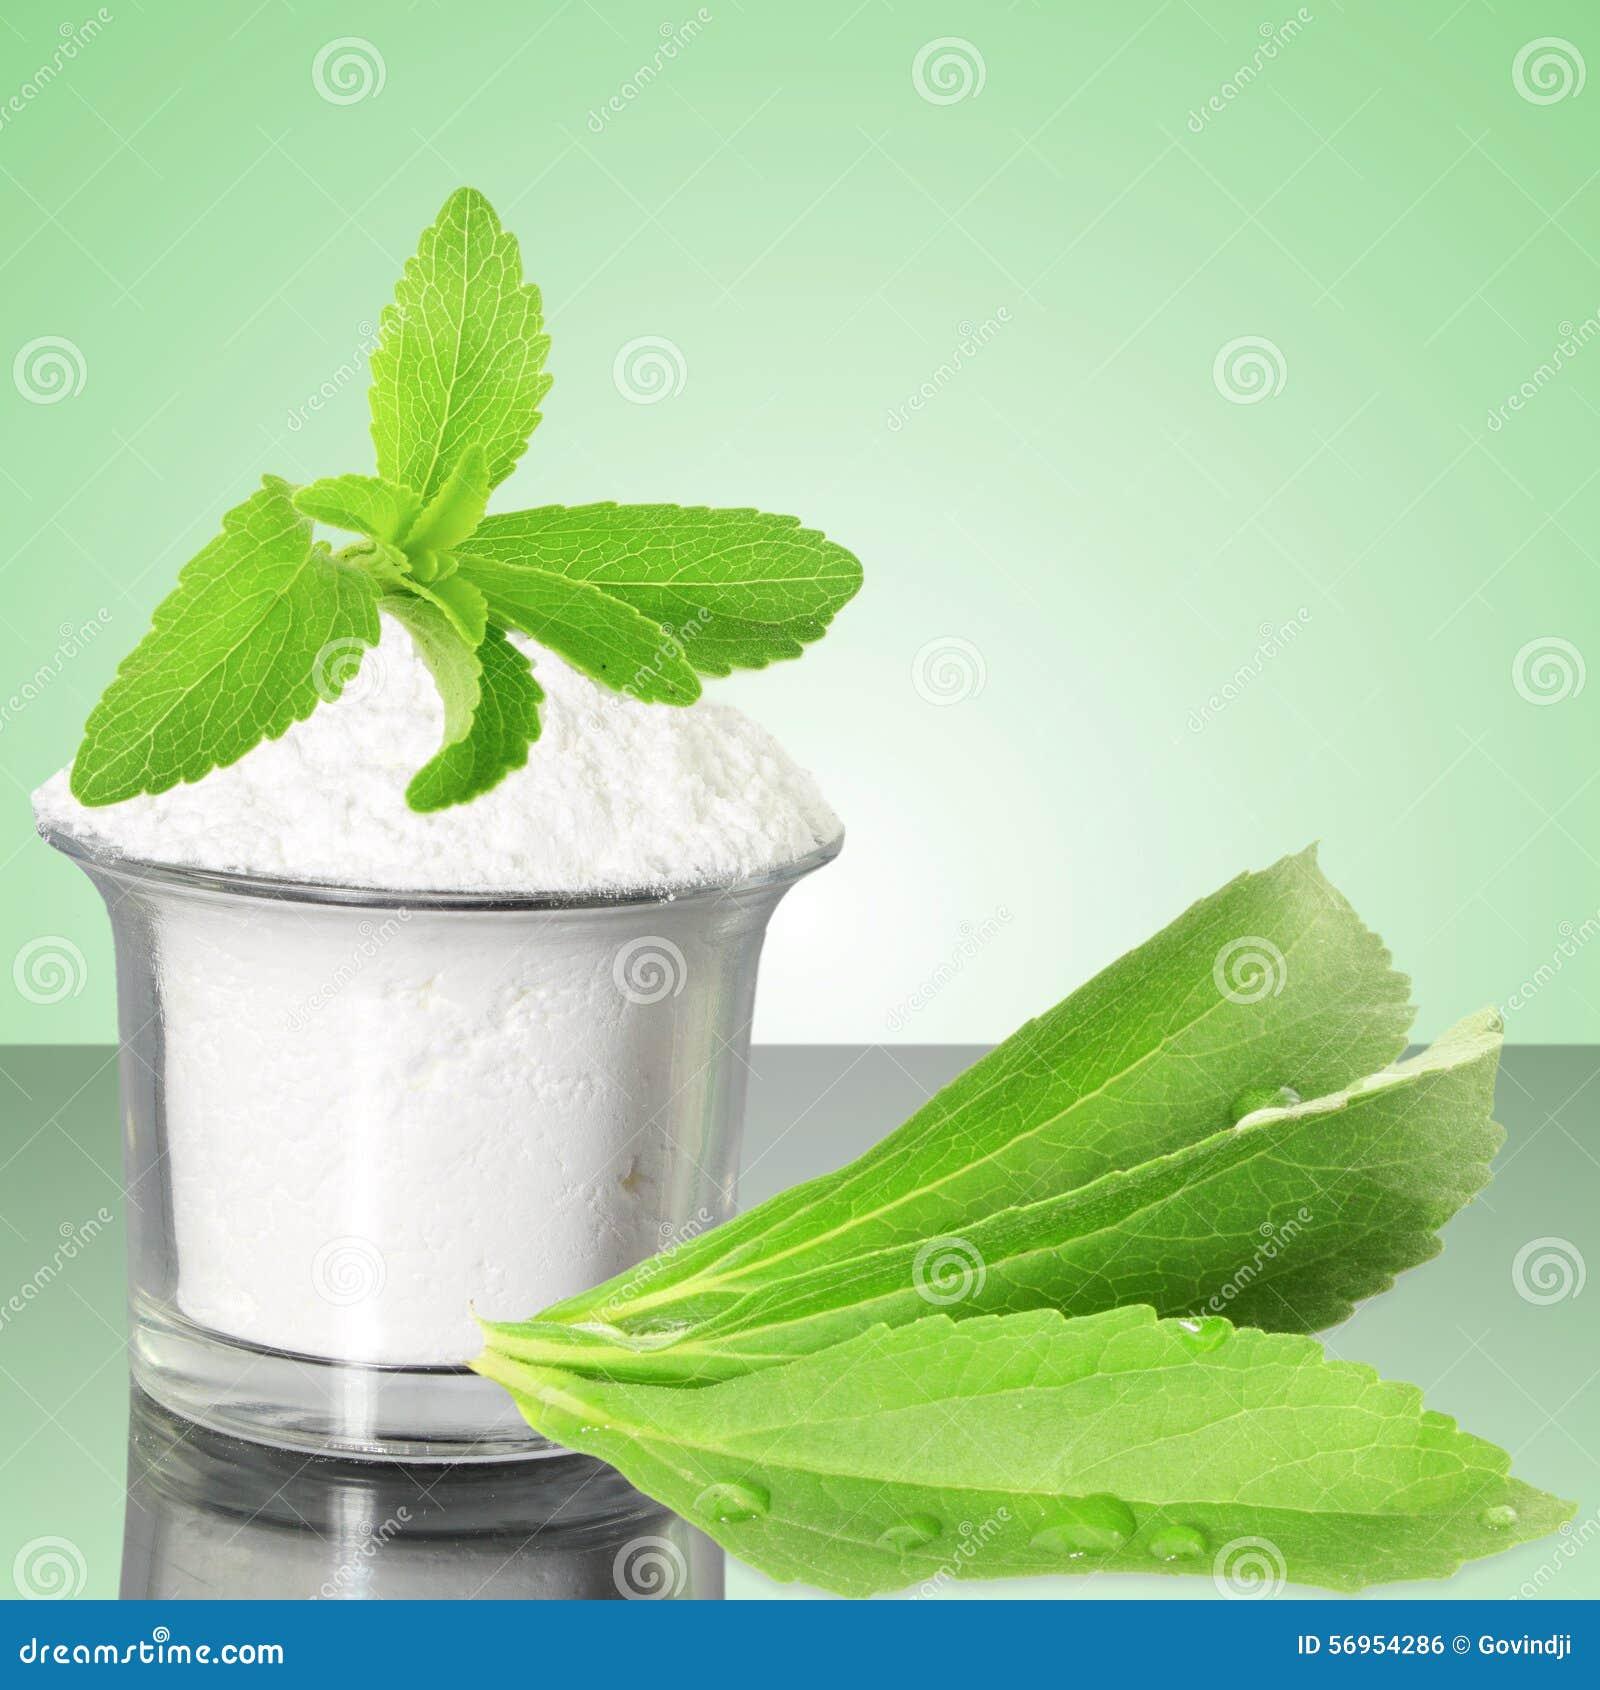 Polvo Verde Fresco Del Stevia Y Del Extracto En Fondo Verde